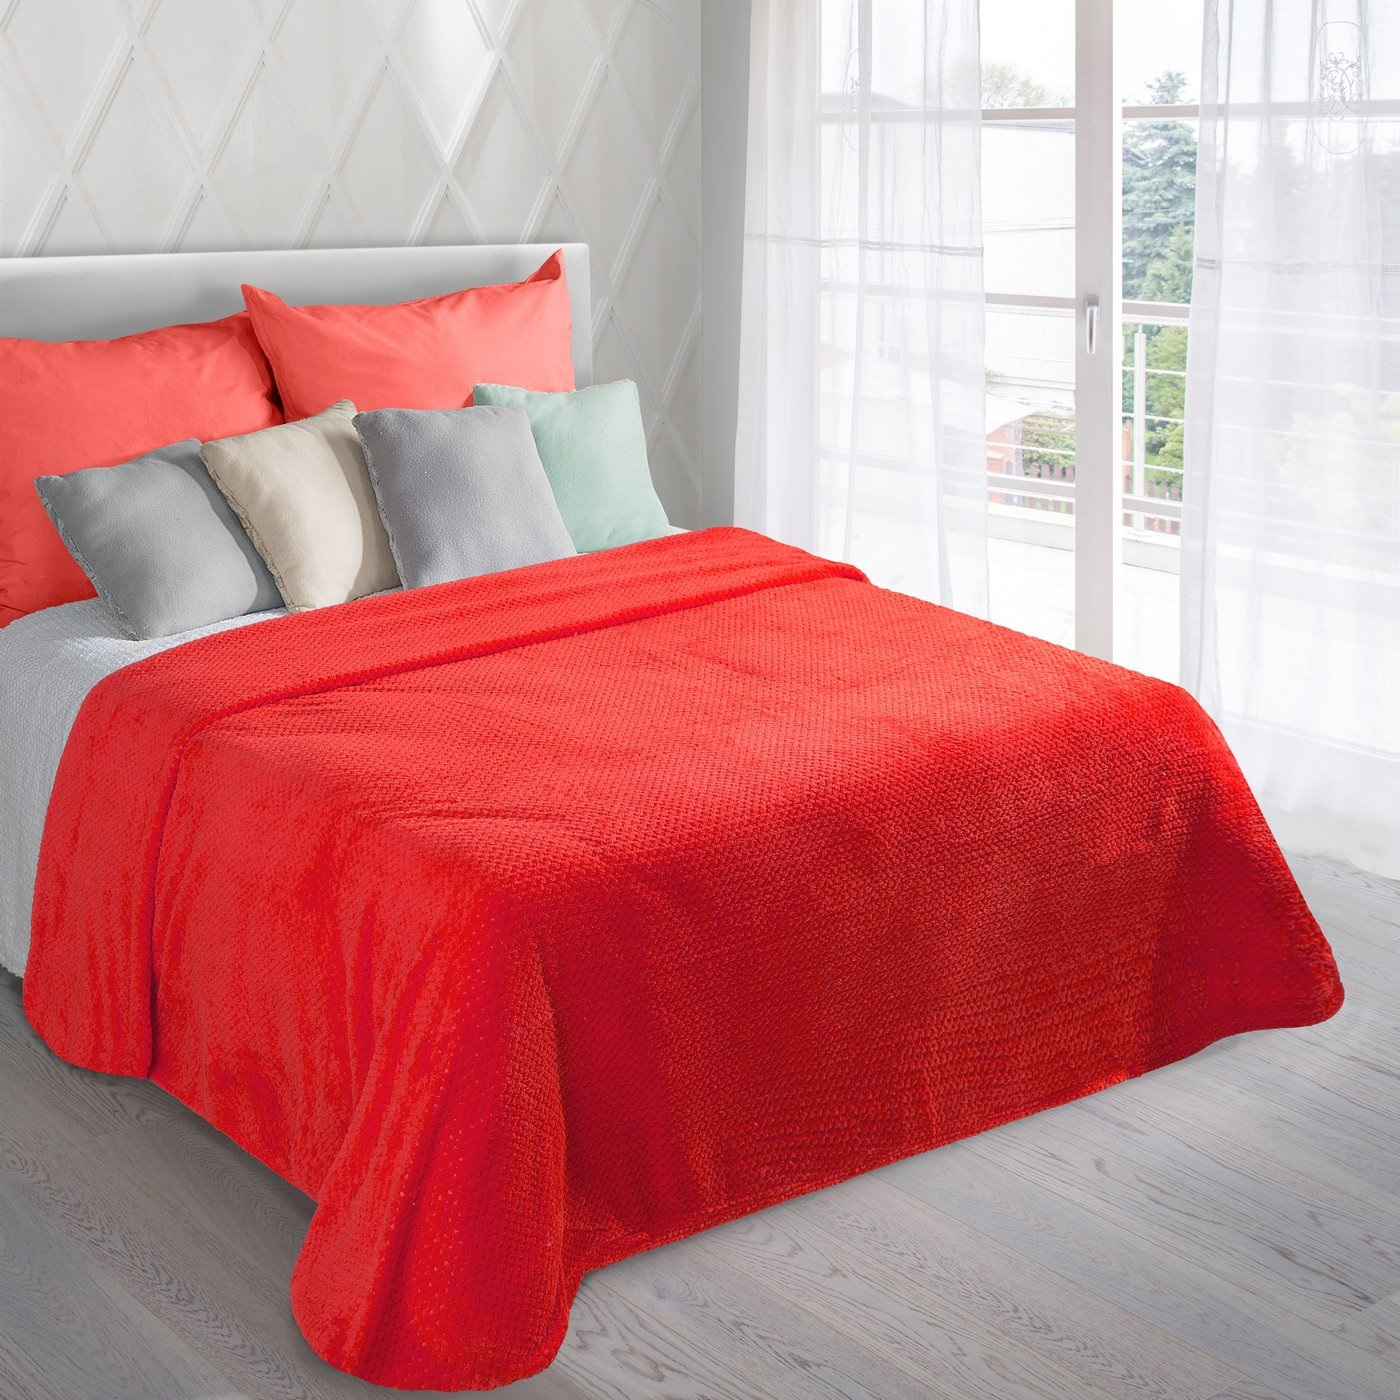 Koc miękki i puszysty jednokolorowy czerwony 170x210 cm